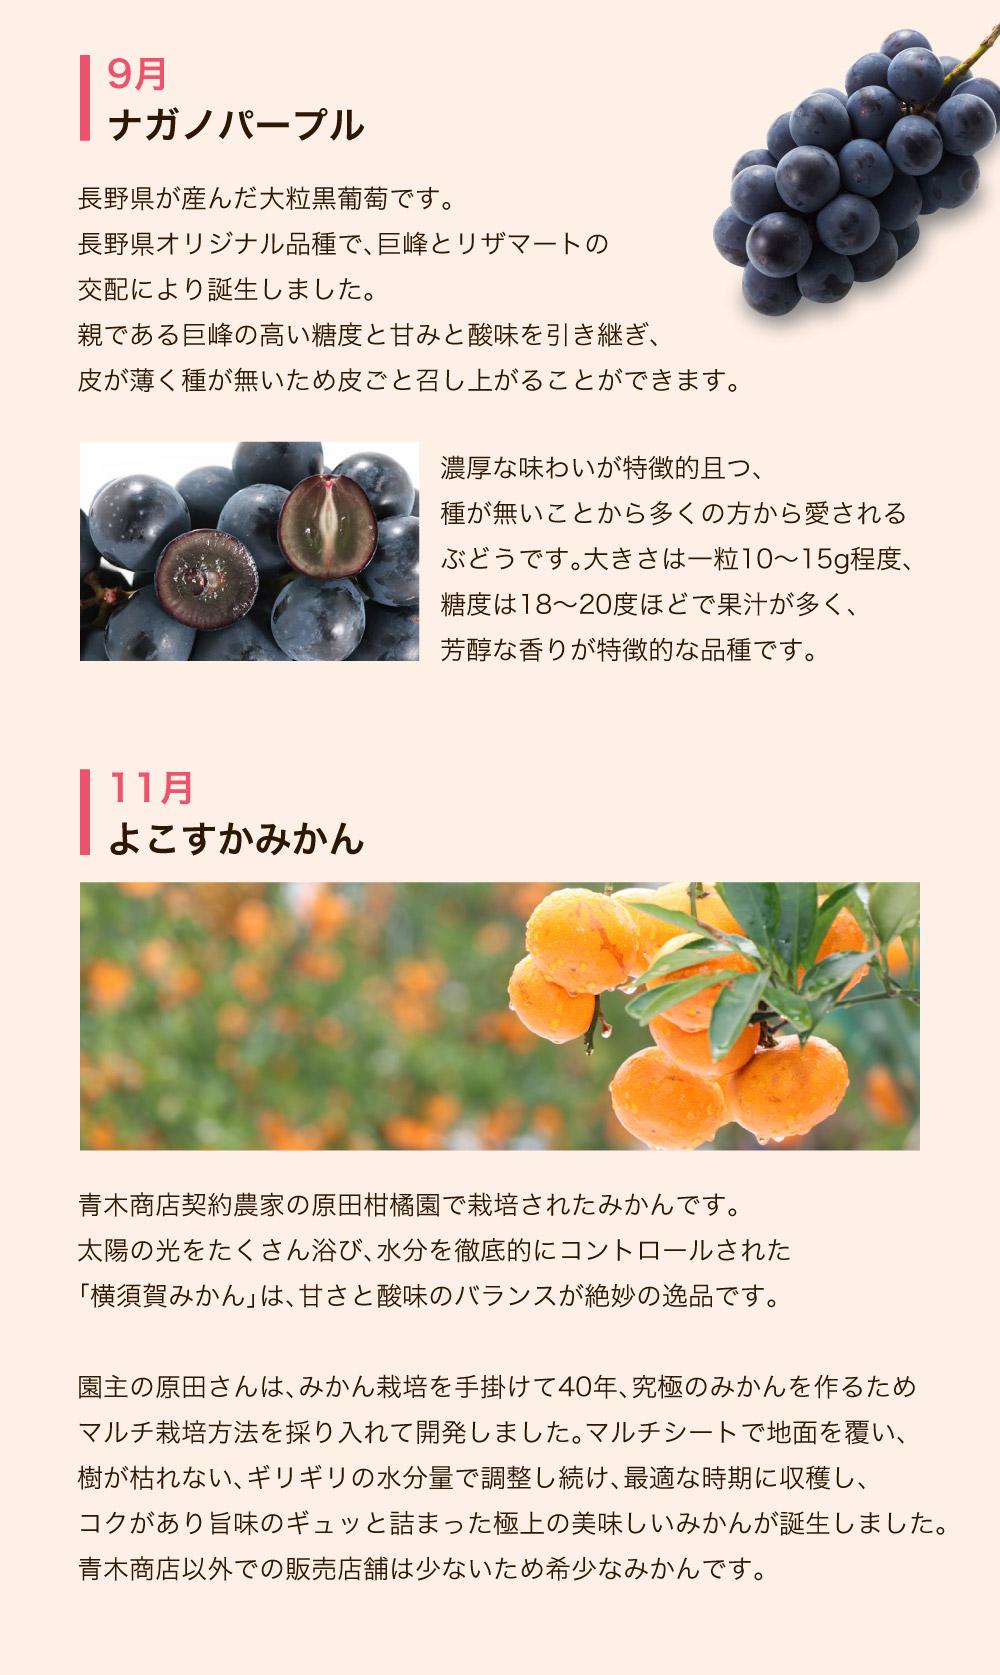 旬のおススメ品種Tコース ナガノパープル よこすかみかん